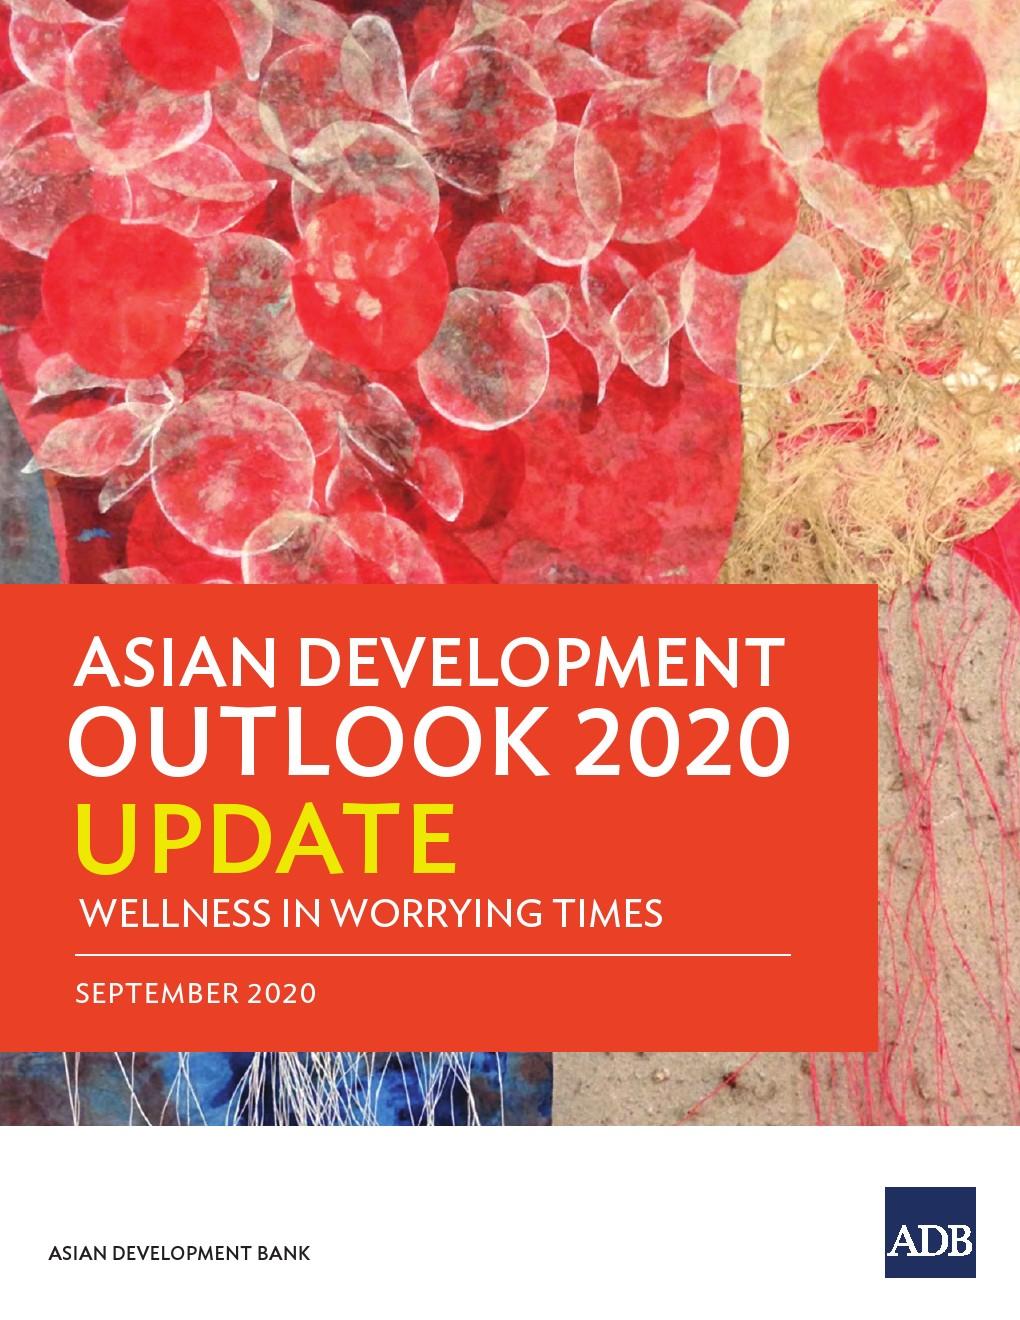 亚洲开发银行:2020年亚洲发展展望报告(270页)